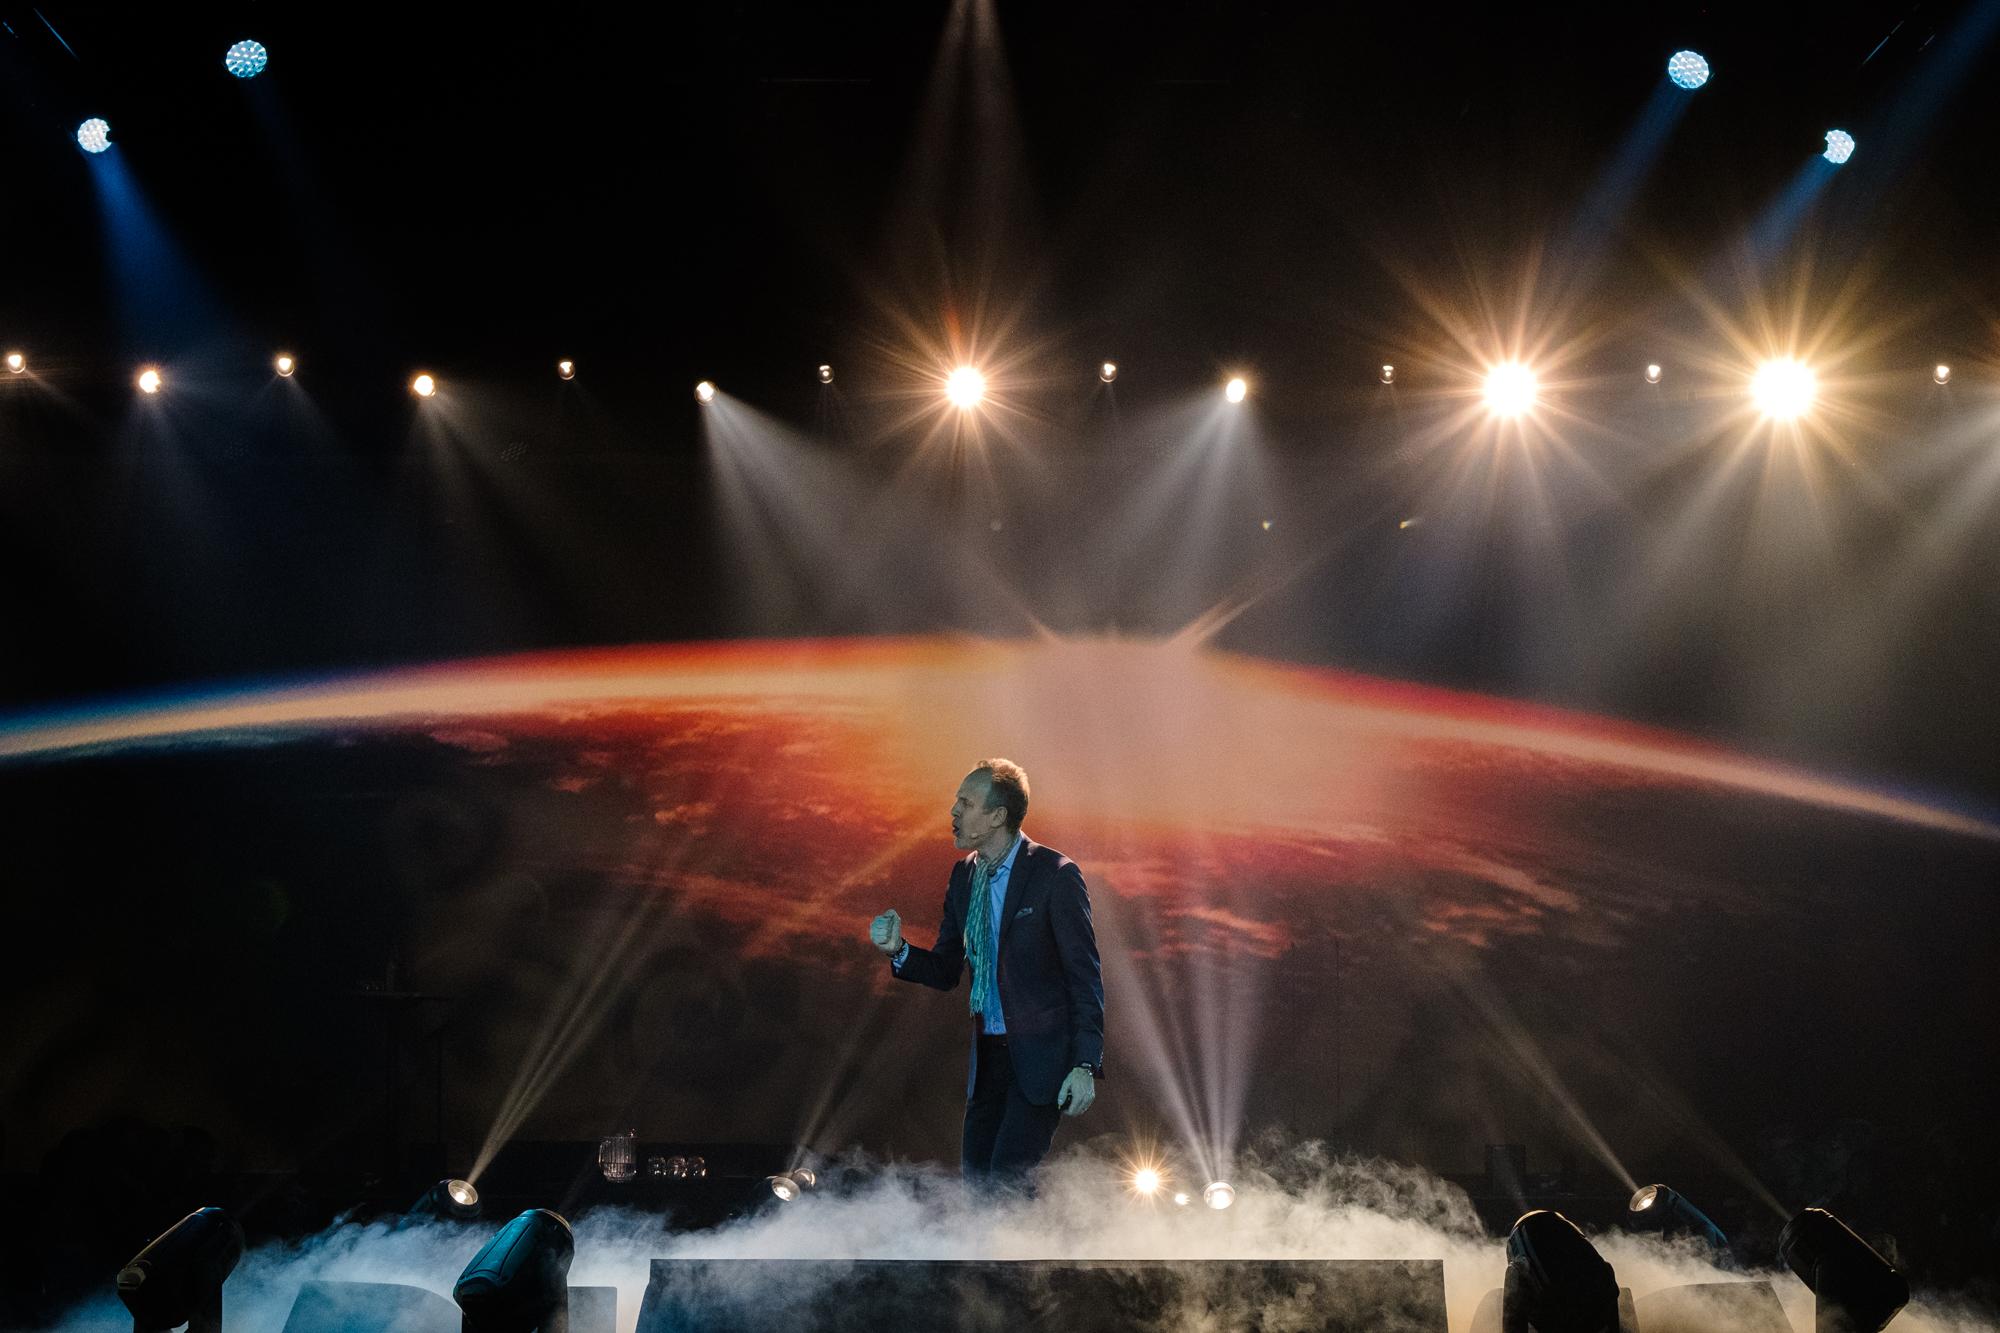 Den svenske futuristen Magnus Lindkvist er en fantastisk foredragsholdere, og med usedvanlig flinke fagfolk bak kamera skapes det magi på scenen.